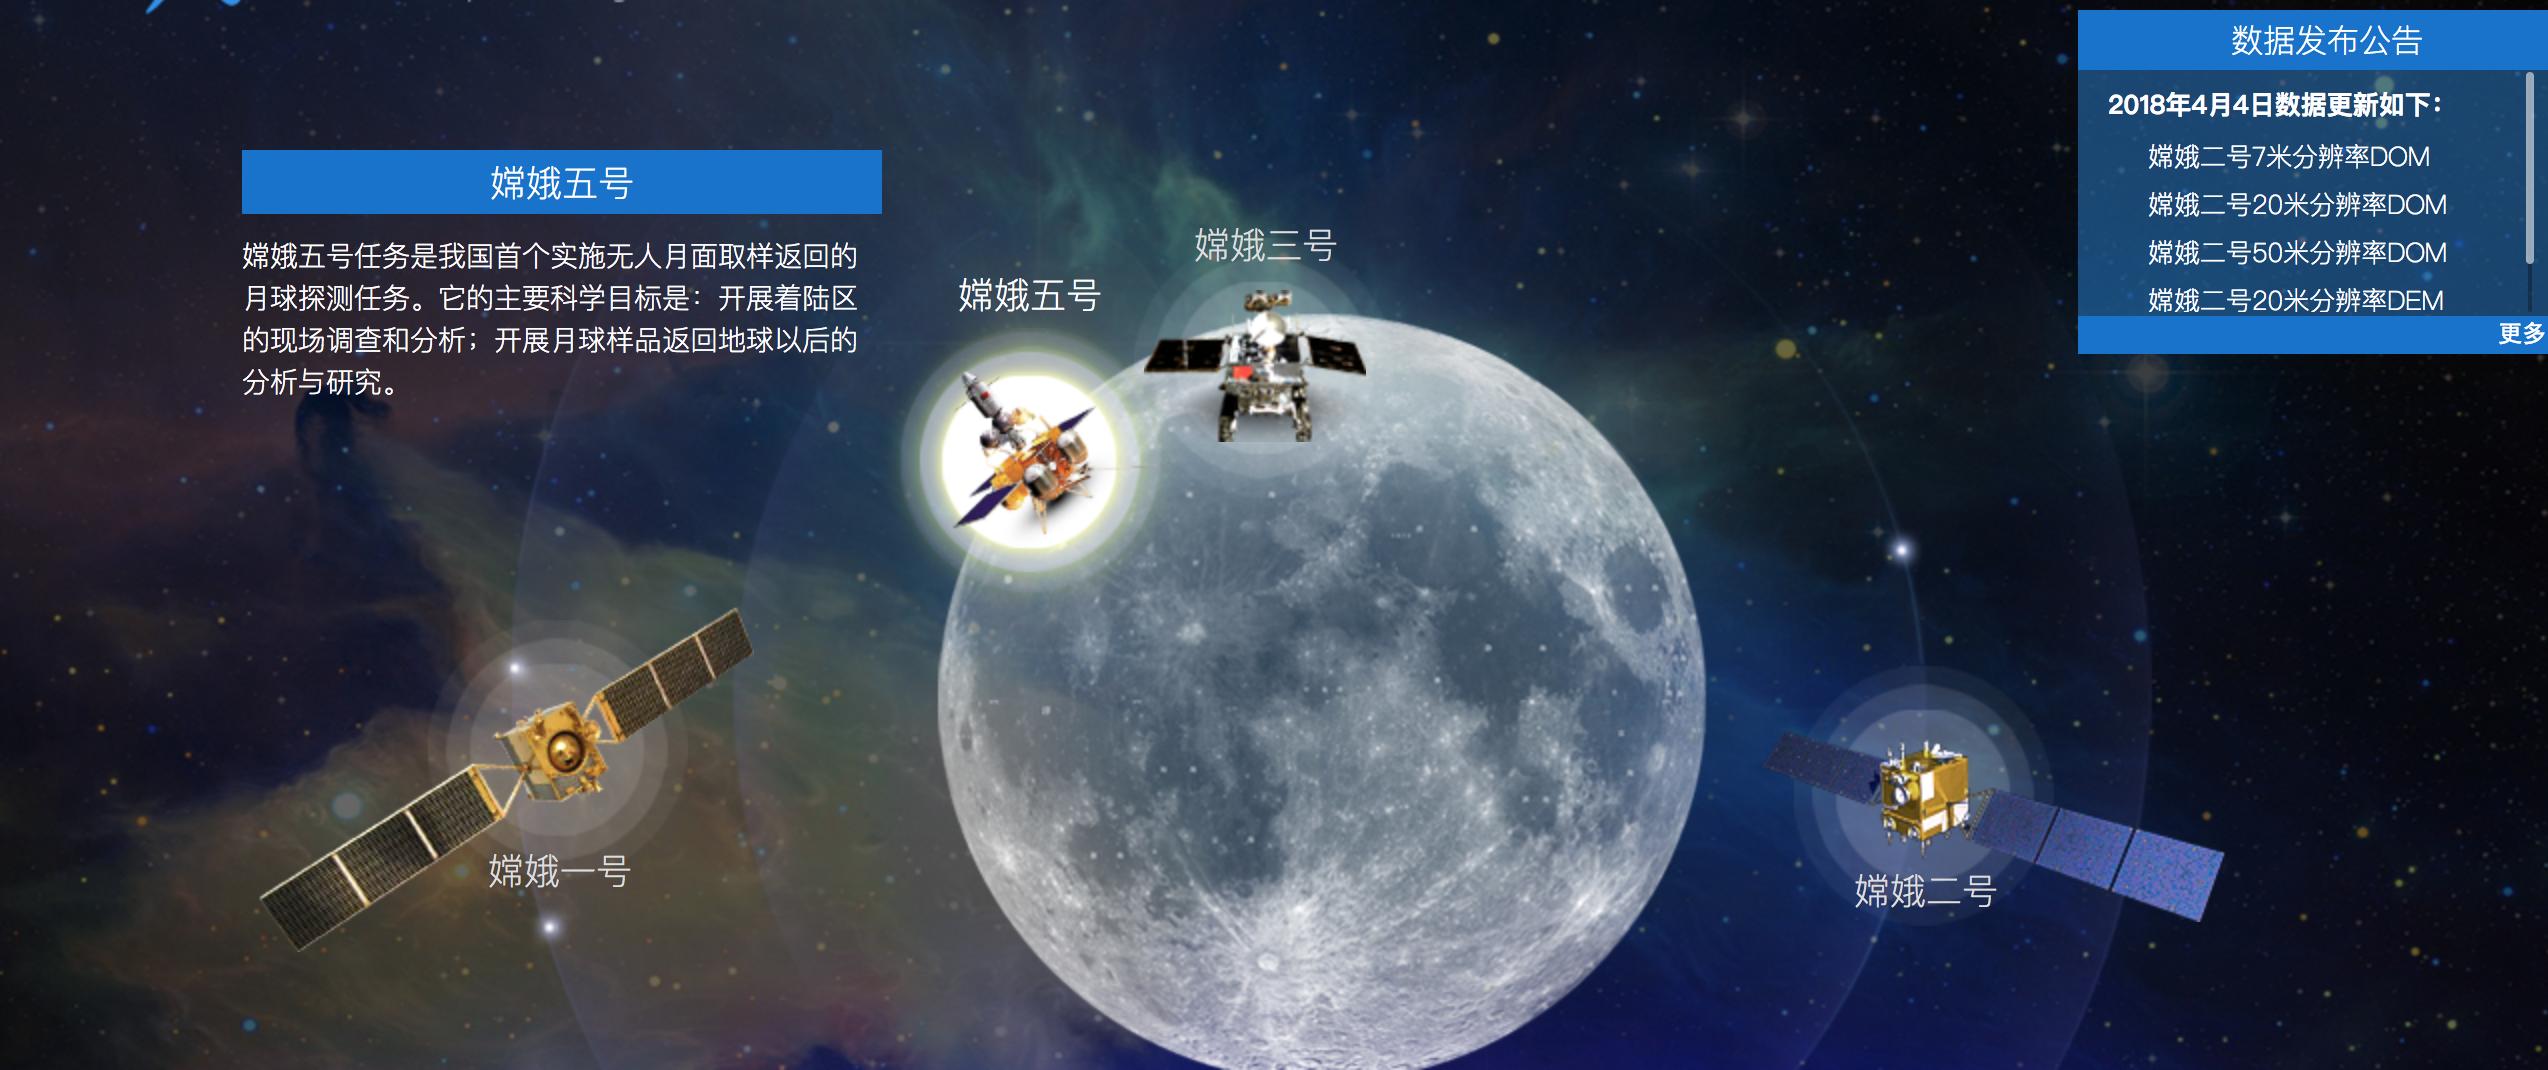 玉兔号月球全景图_飞越38万公里:从嫦娥一号到嫦娥五号_凤凰网资讯_凤凰网